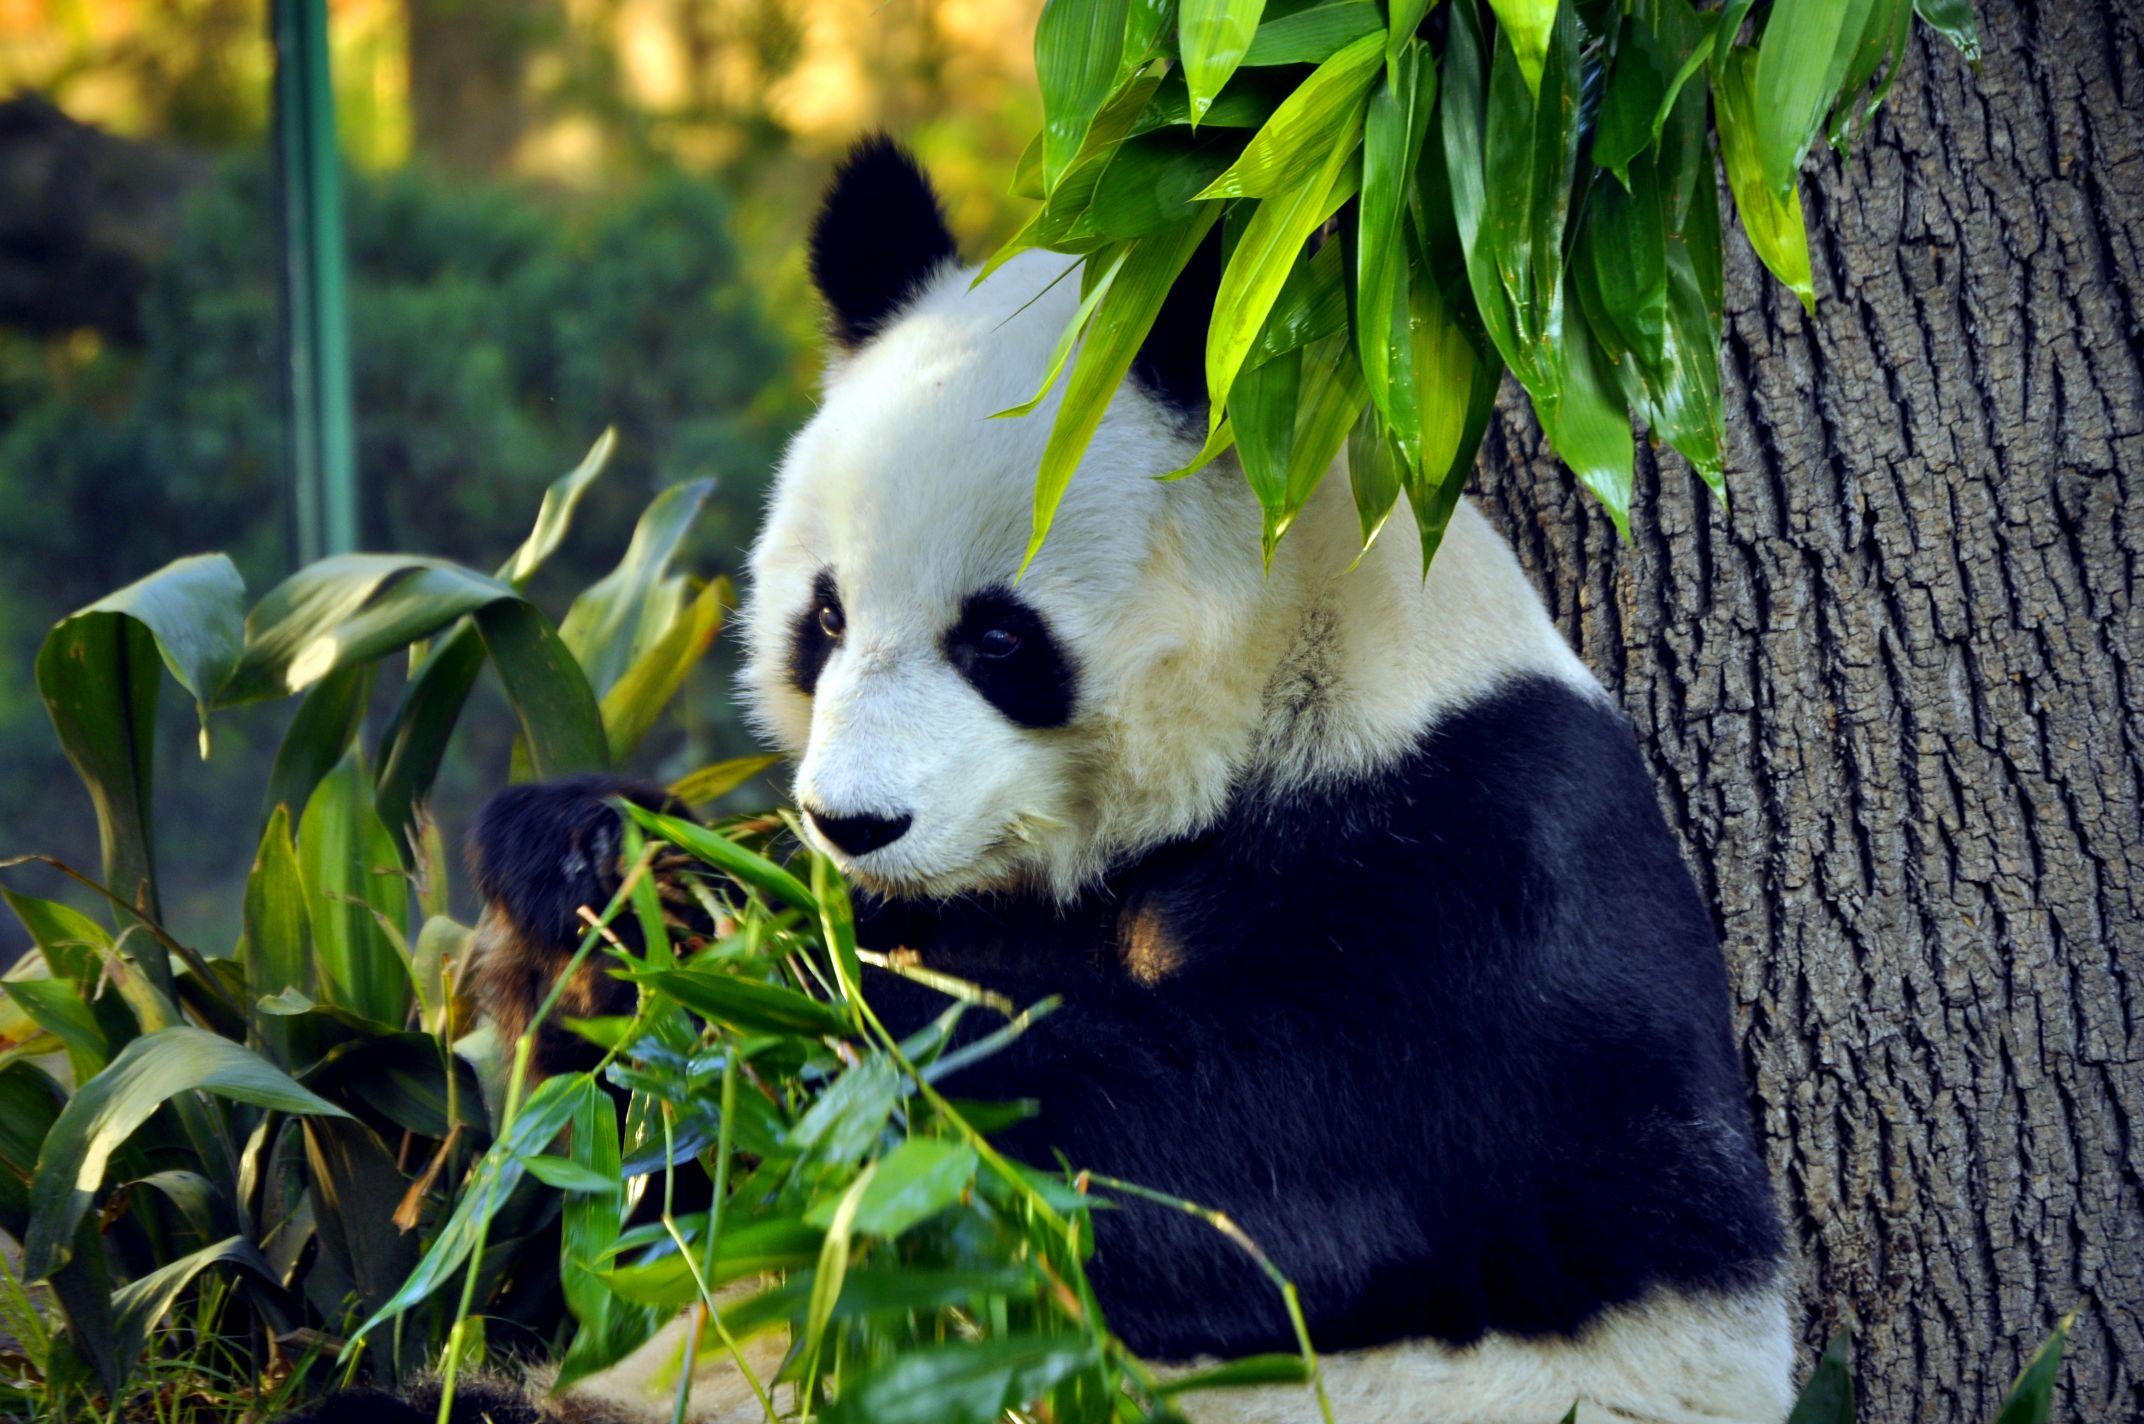 Videorreportaje: Los pandas del Zoológico de Chapultepec